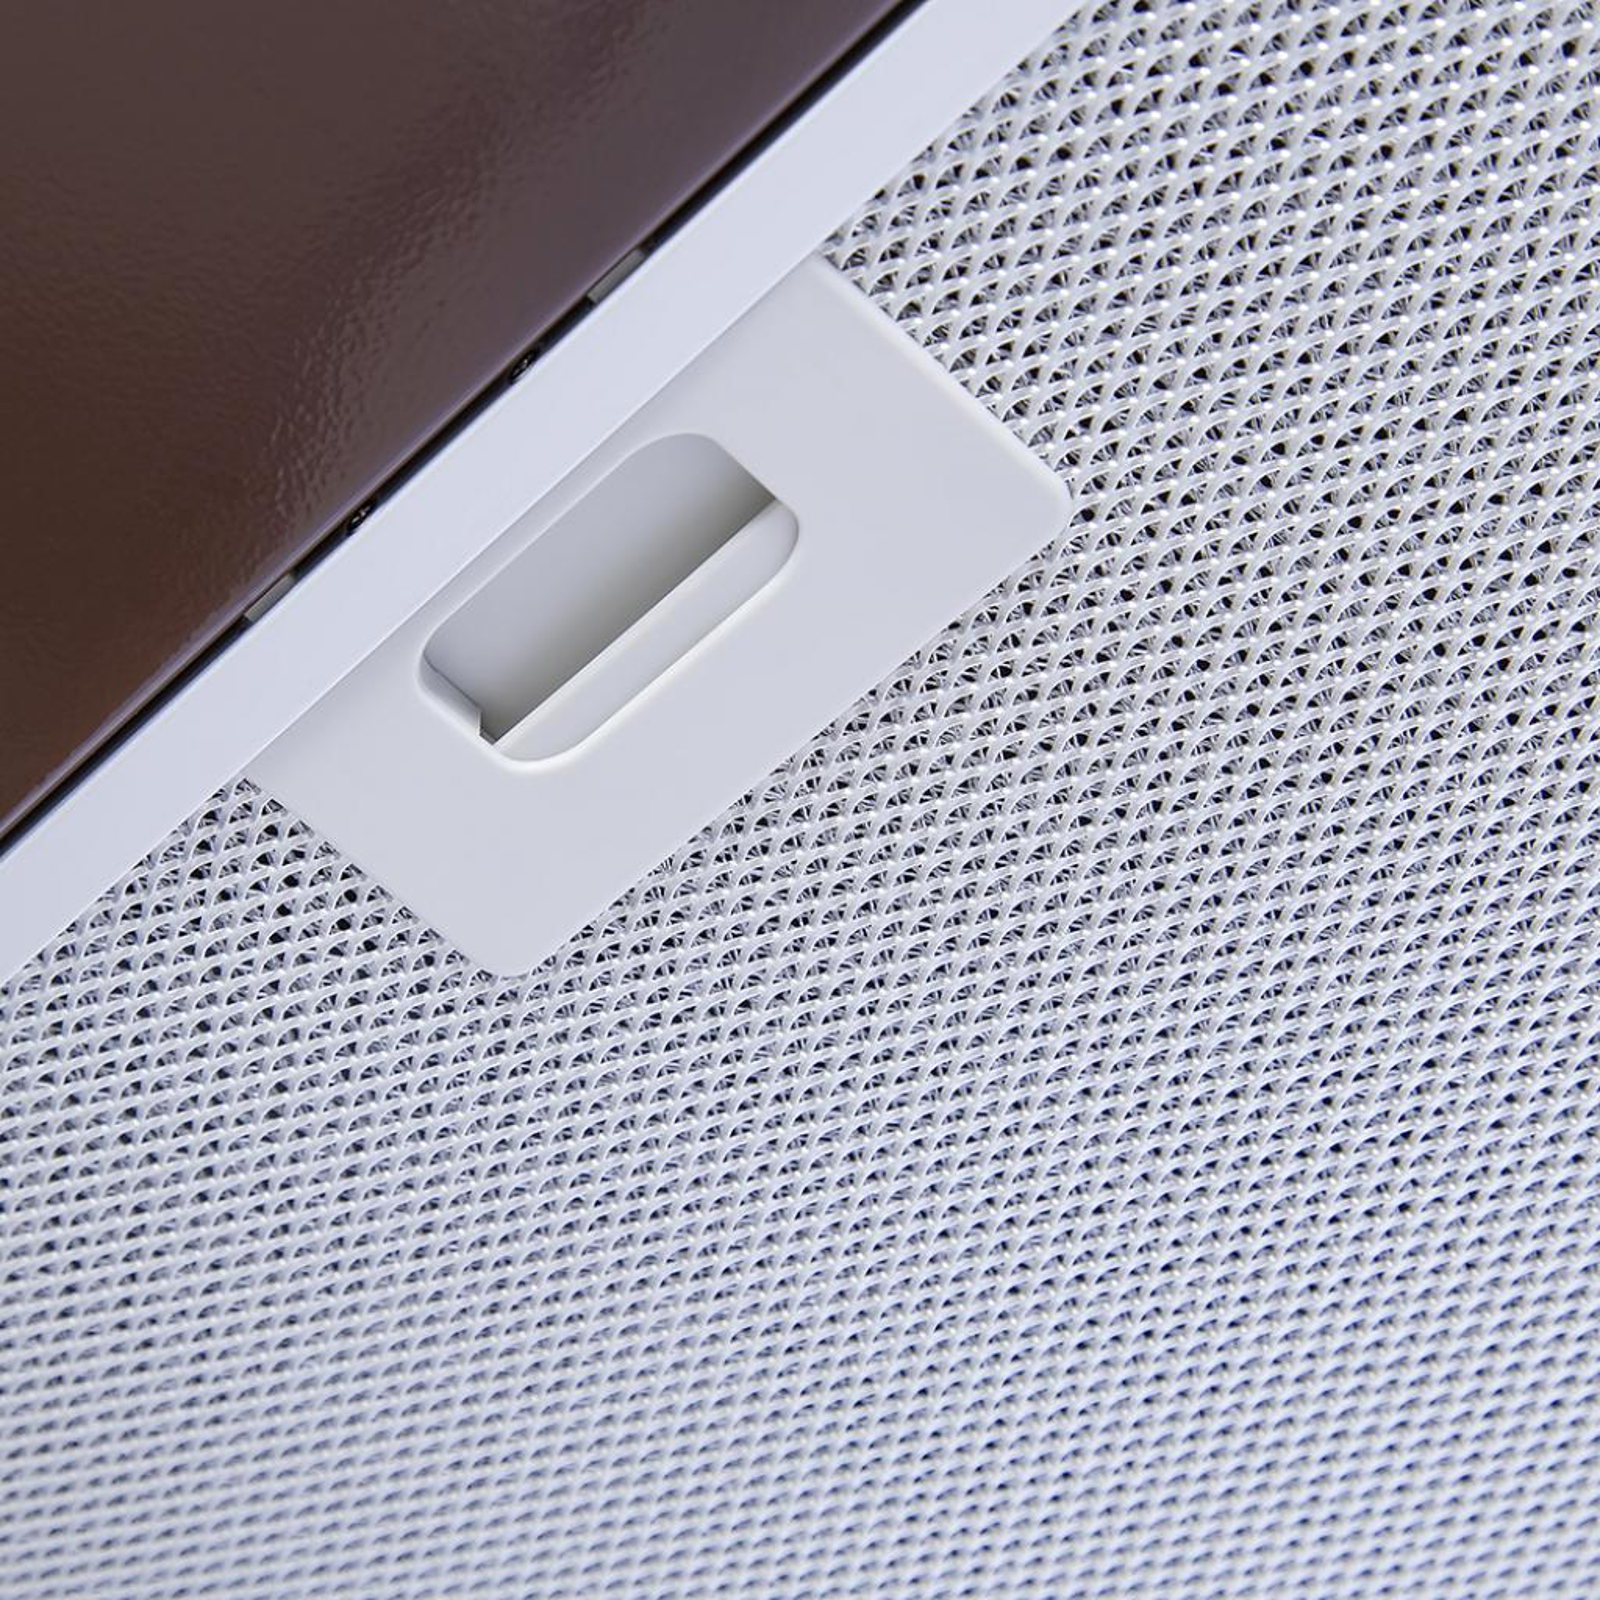 Вытяжка кухонная PERFELLI K 512 BR LED изображение 4